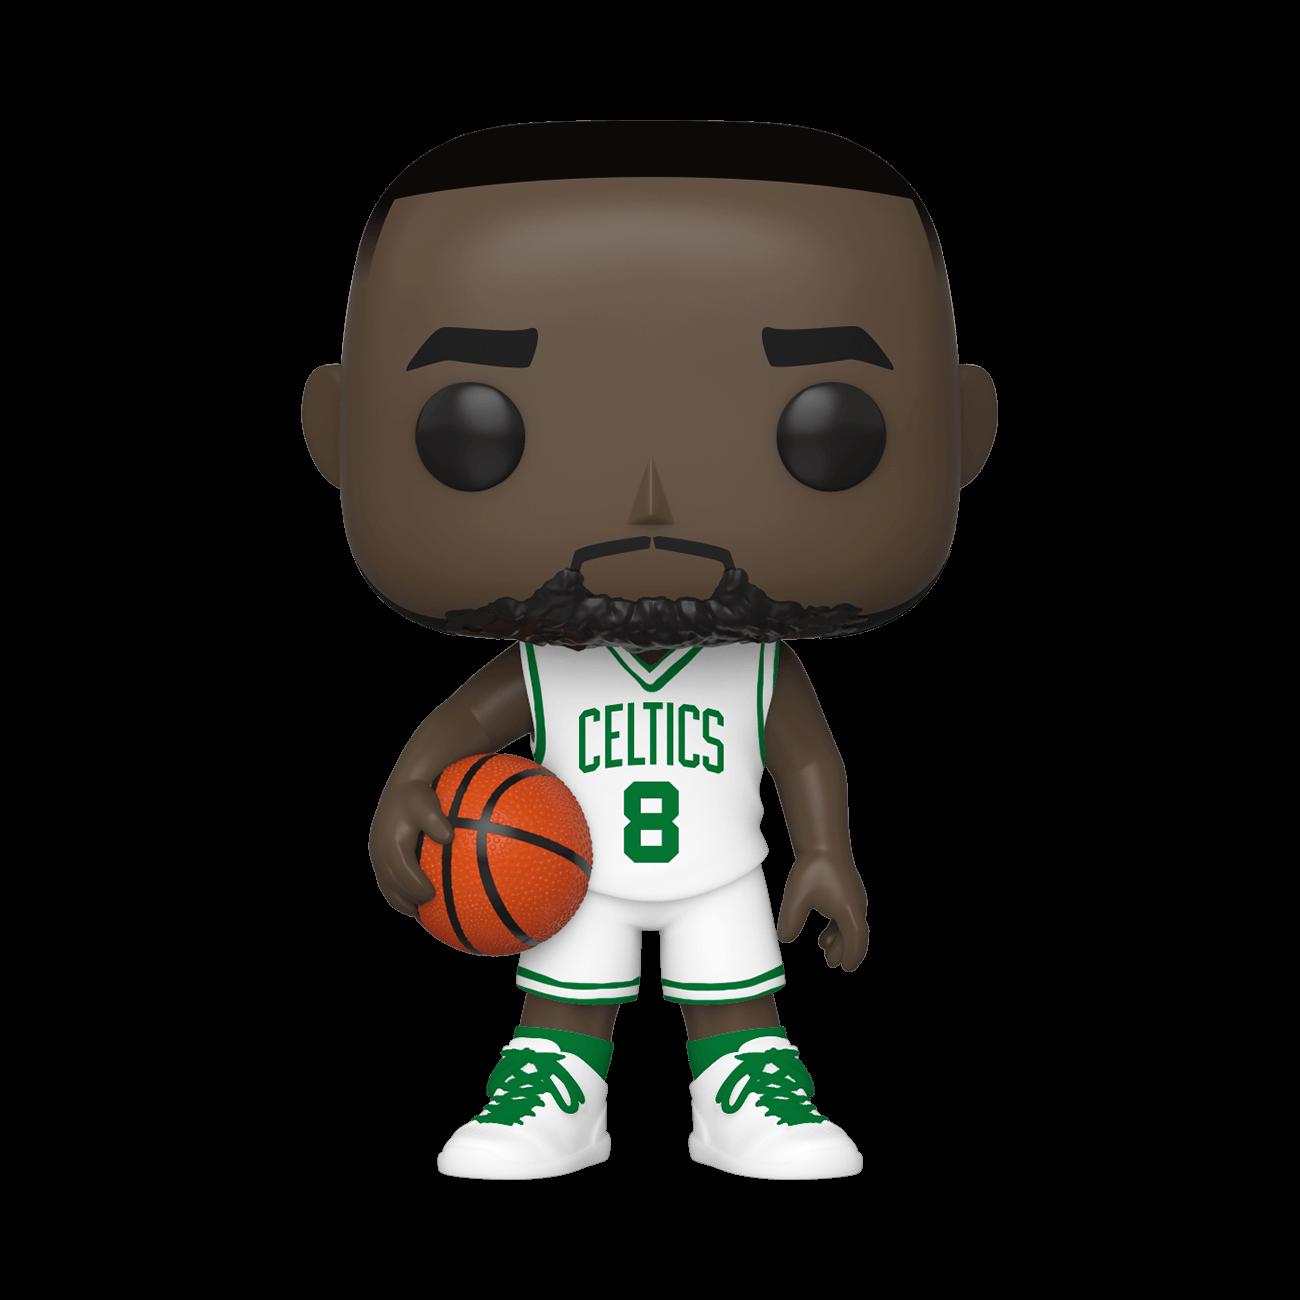 Basketball NBA Boston Celtics Kemba Walker Vinyl Pop